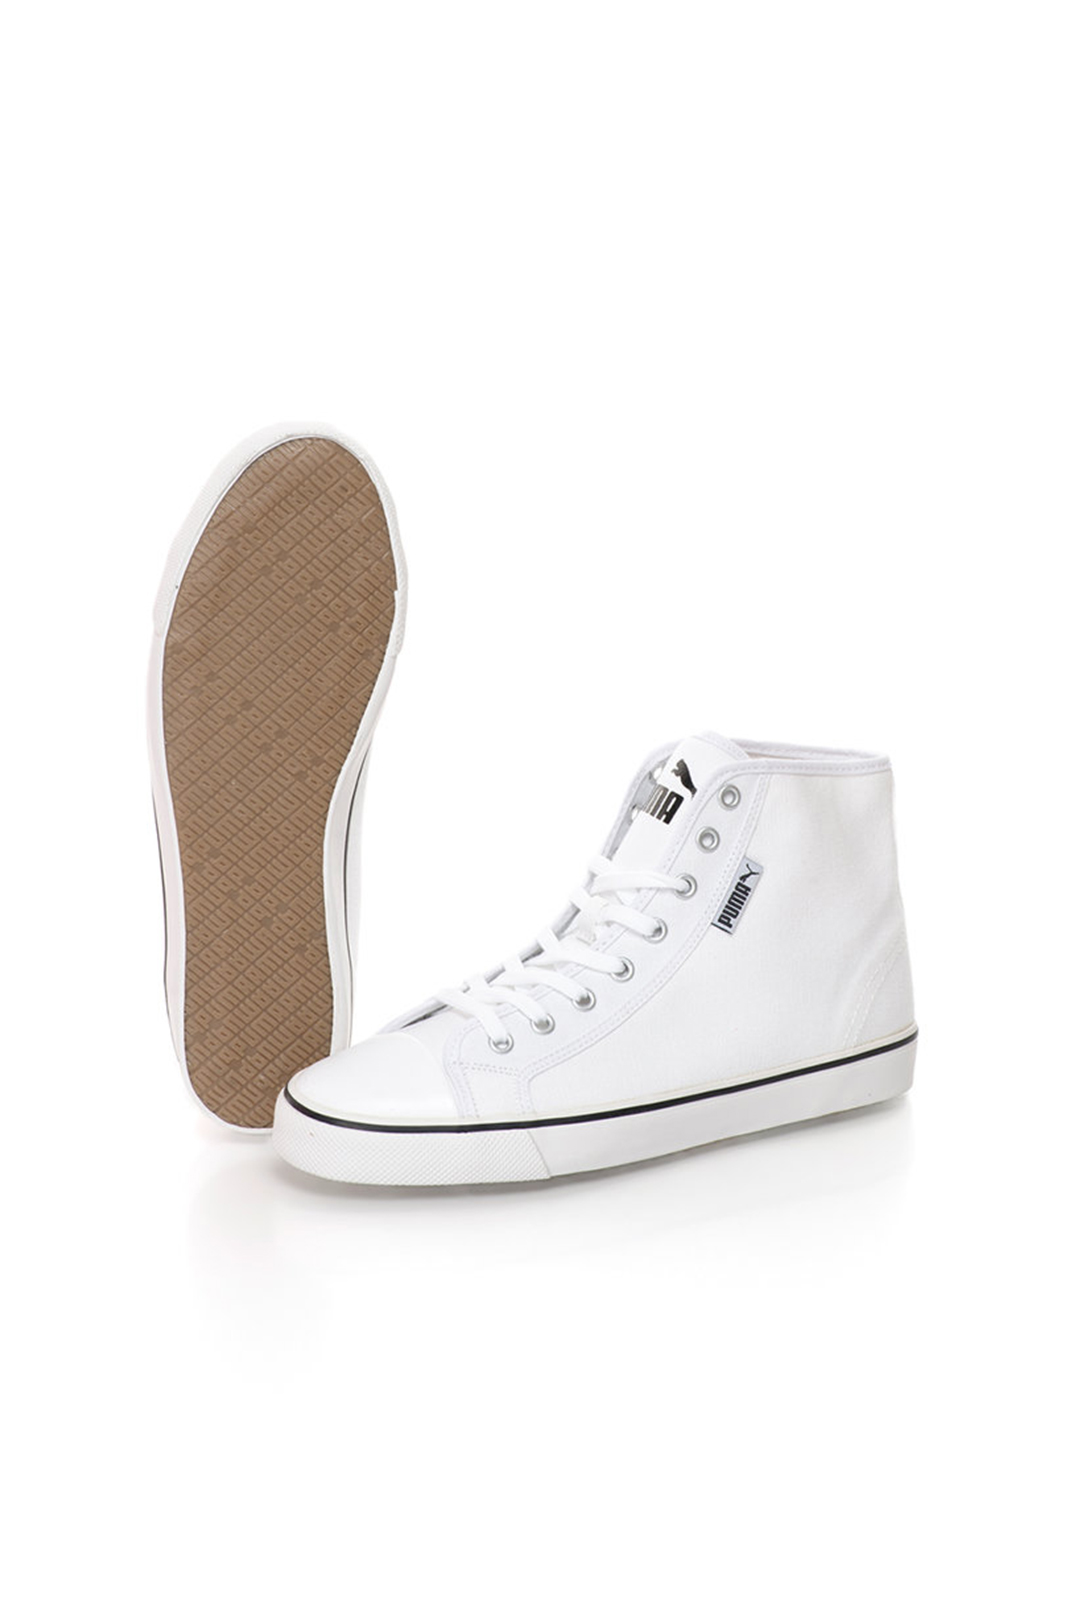 Chaussures de ville  Puma 356690 02 WHITE